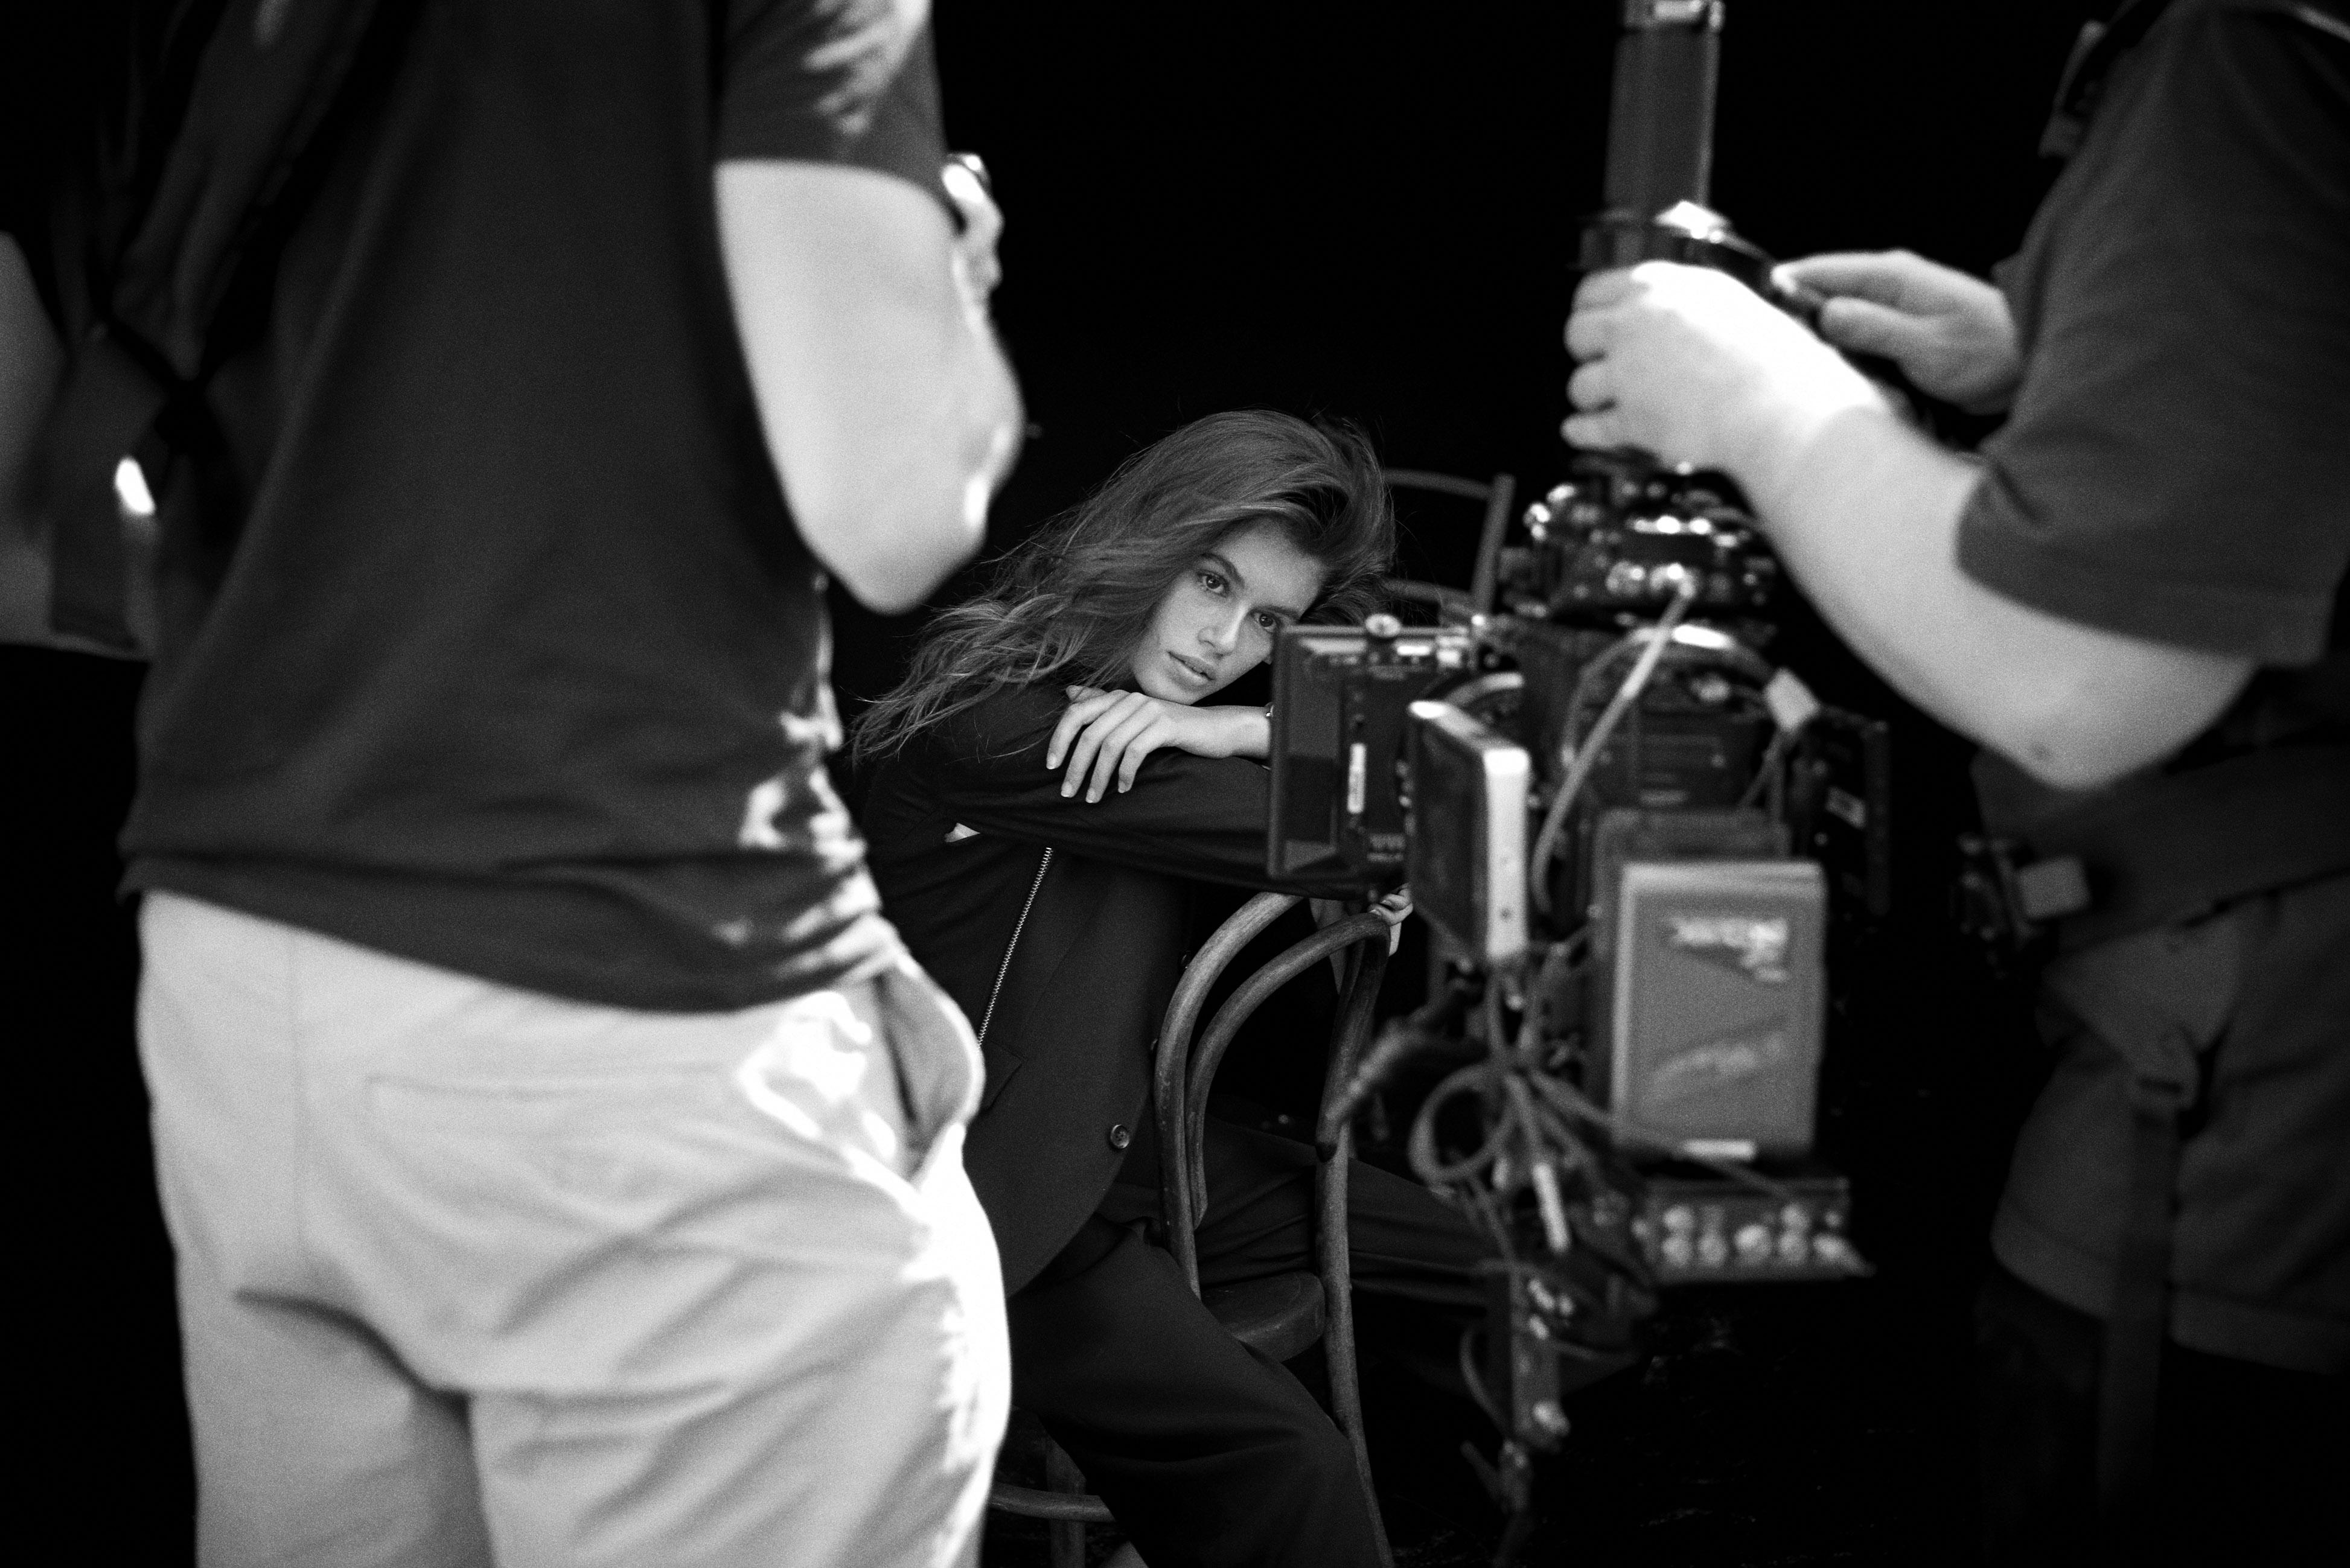 كايا غربر الوجه الإعلاني لساعات أوميغا